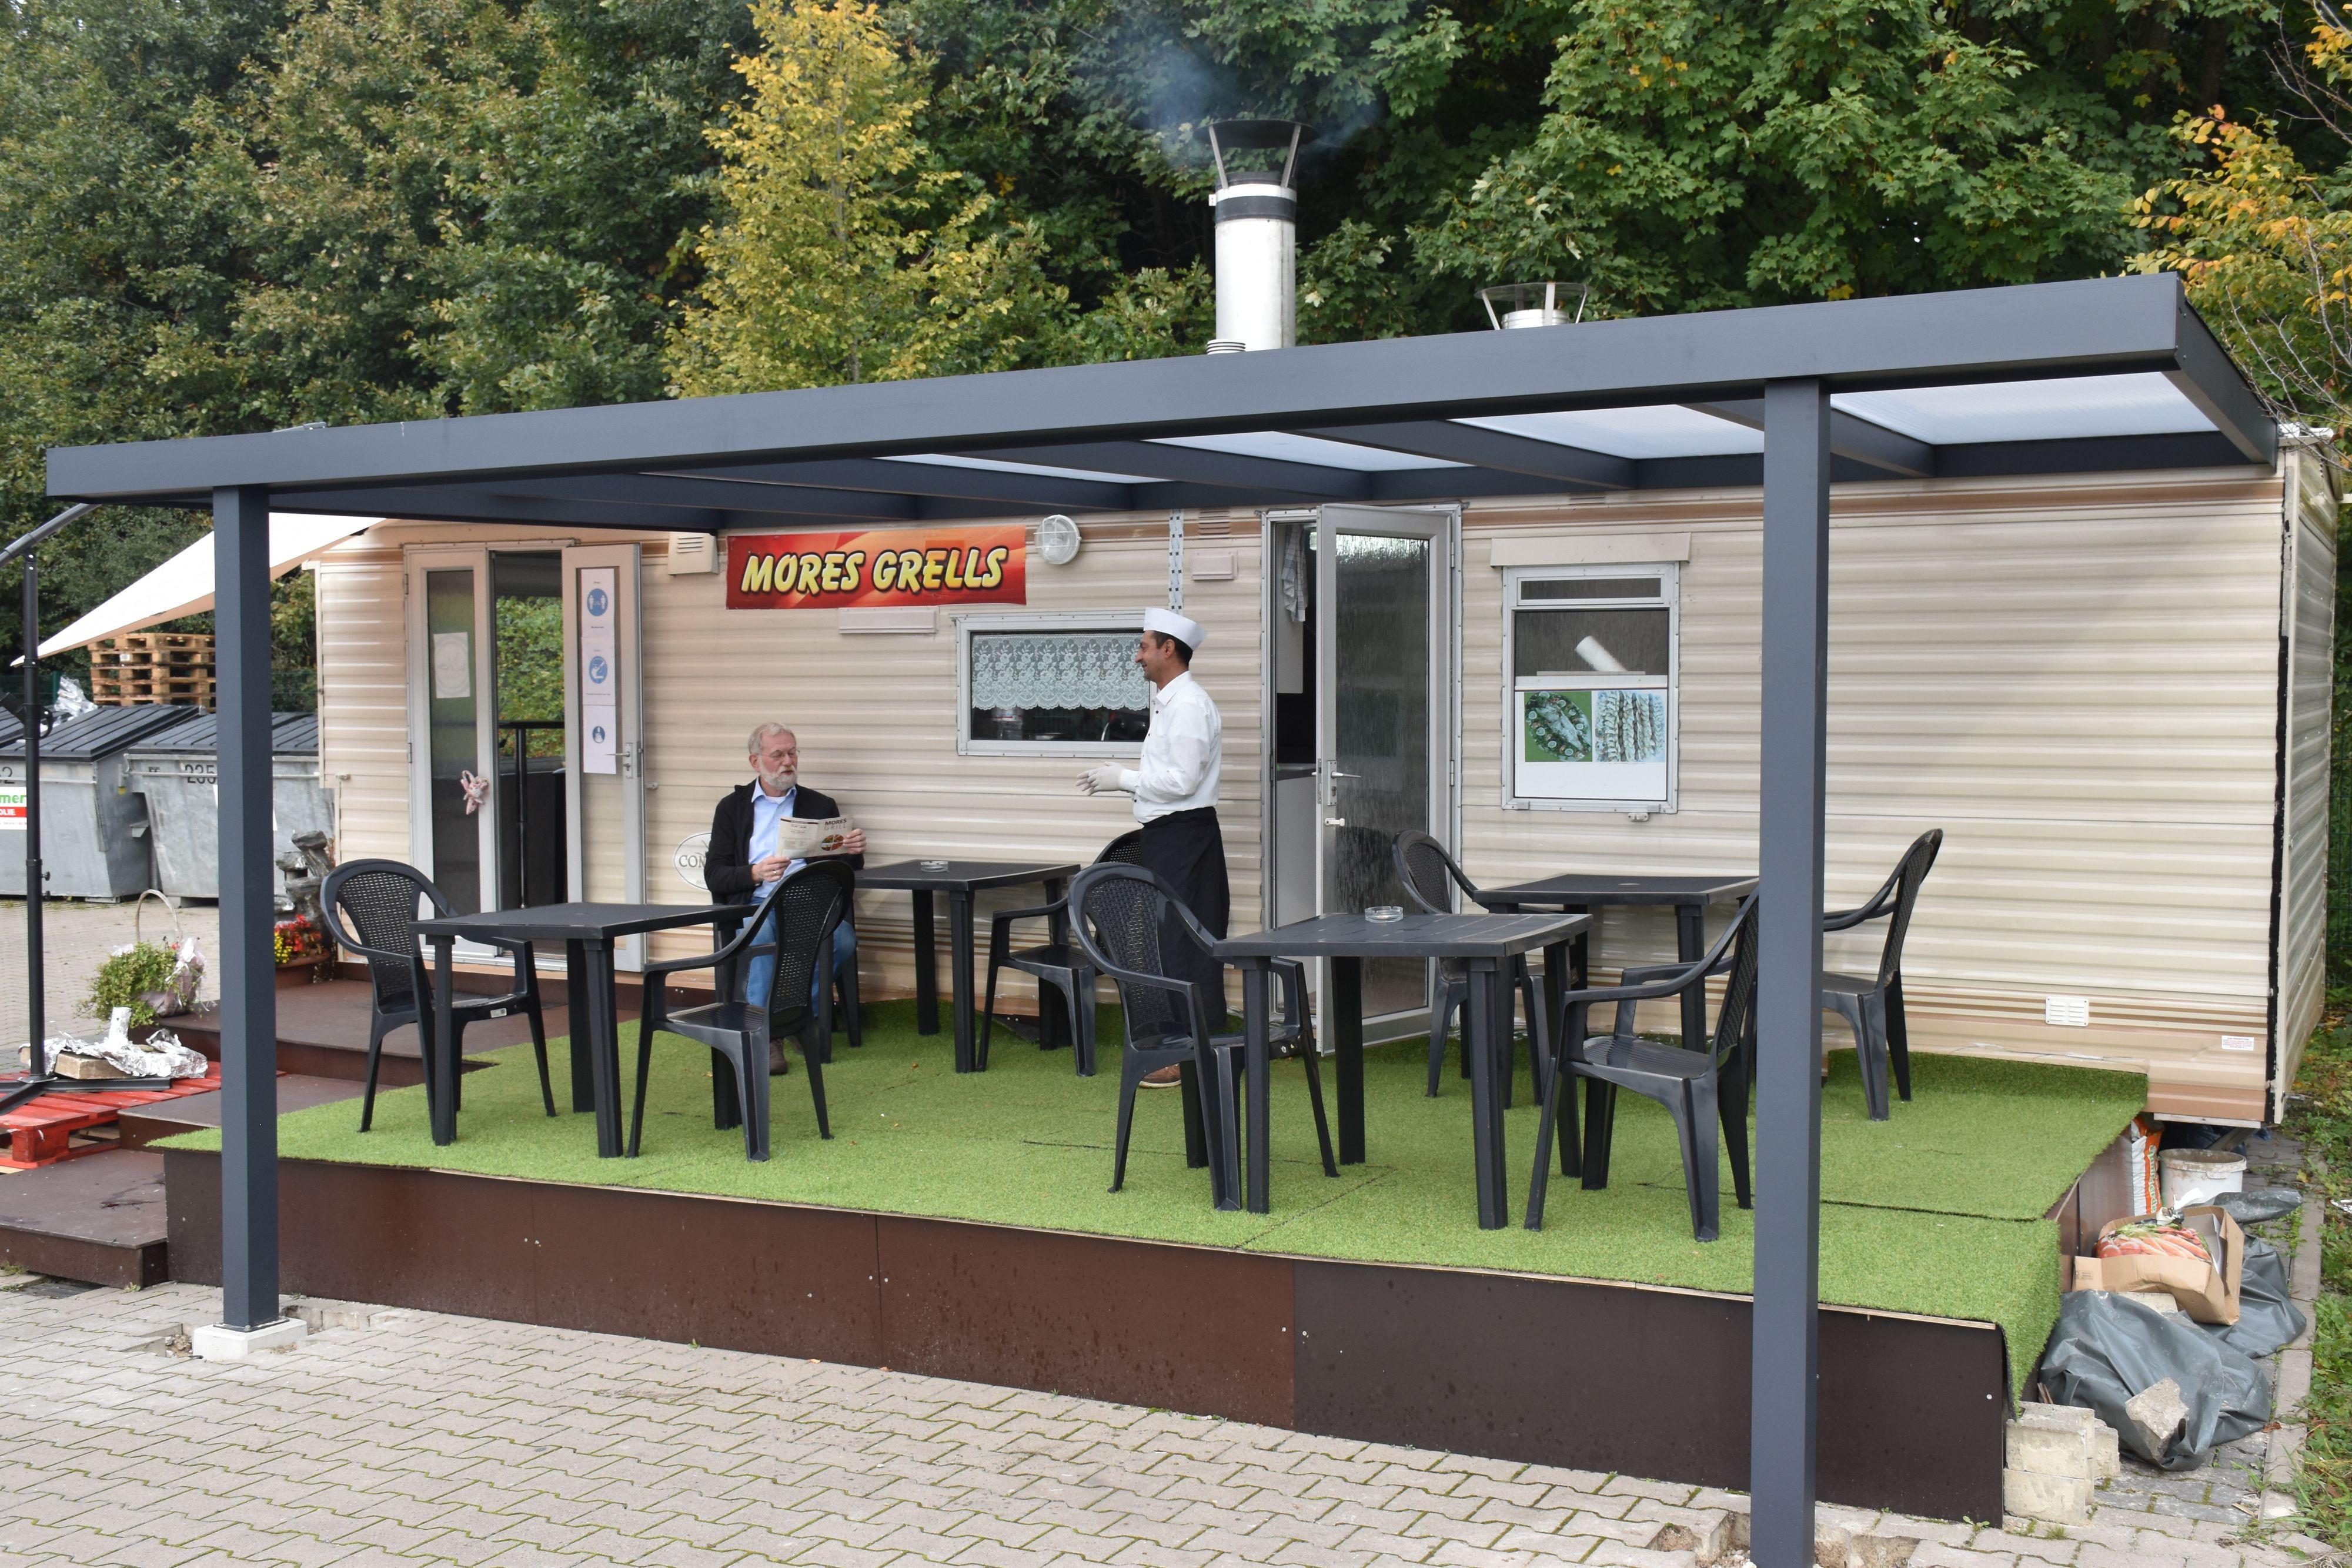 Vom Wohn- zum Imbisswagen: Das Campinggefährt wurde aus den Niederlanden exportiert und umgebaut. Foto: Ferber<br>